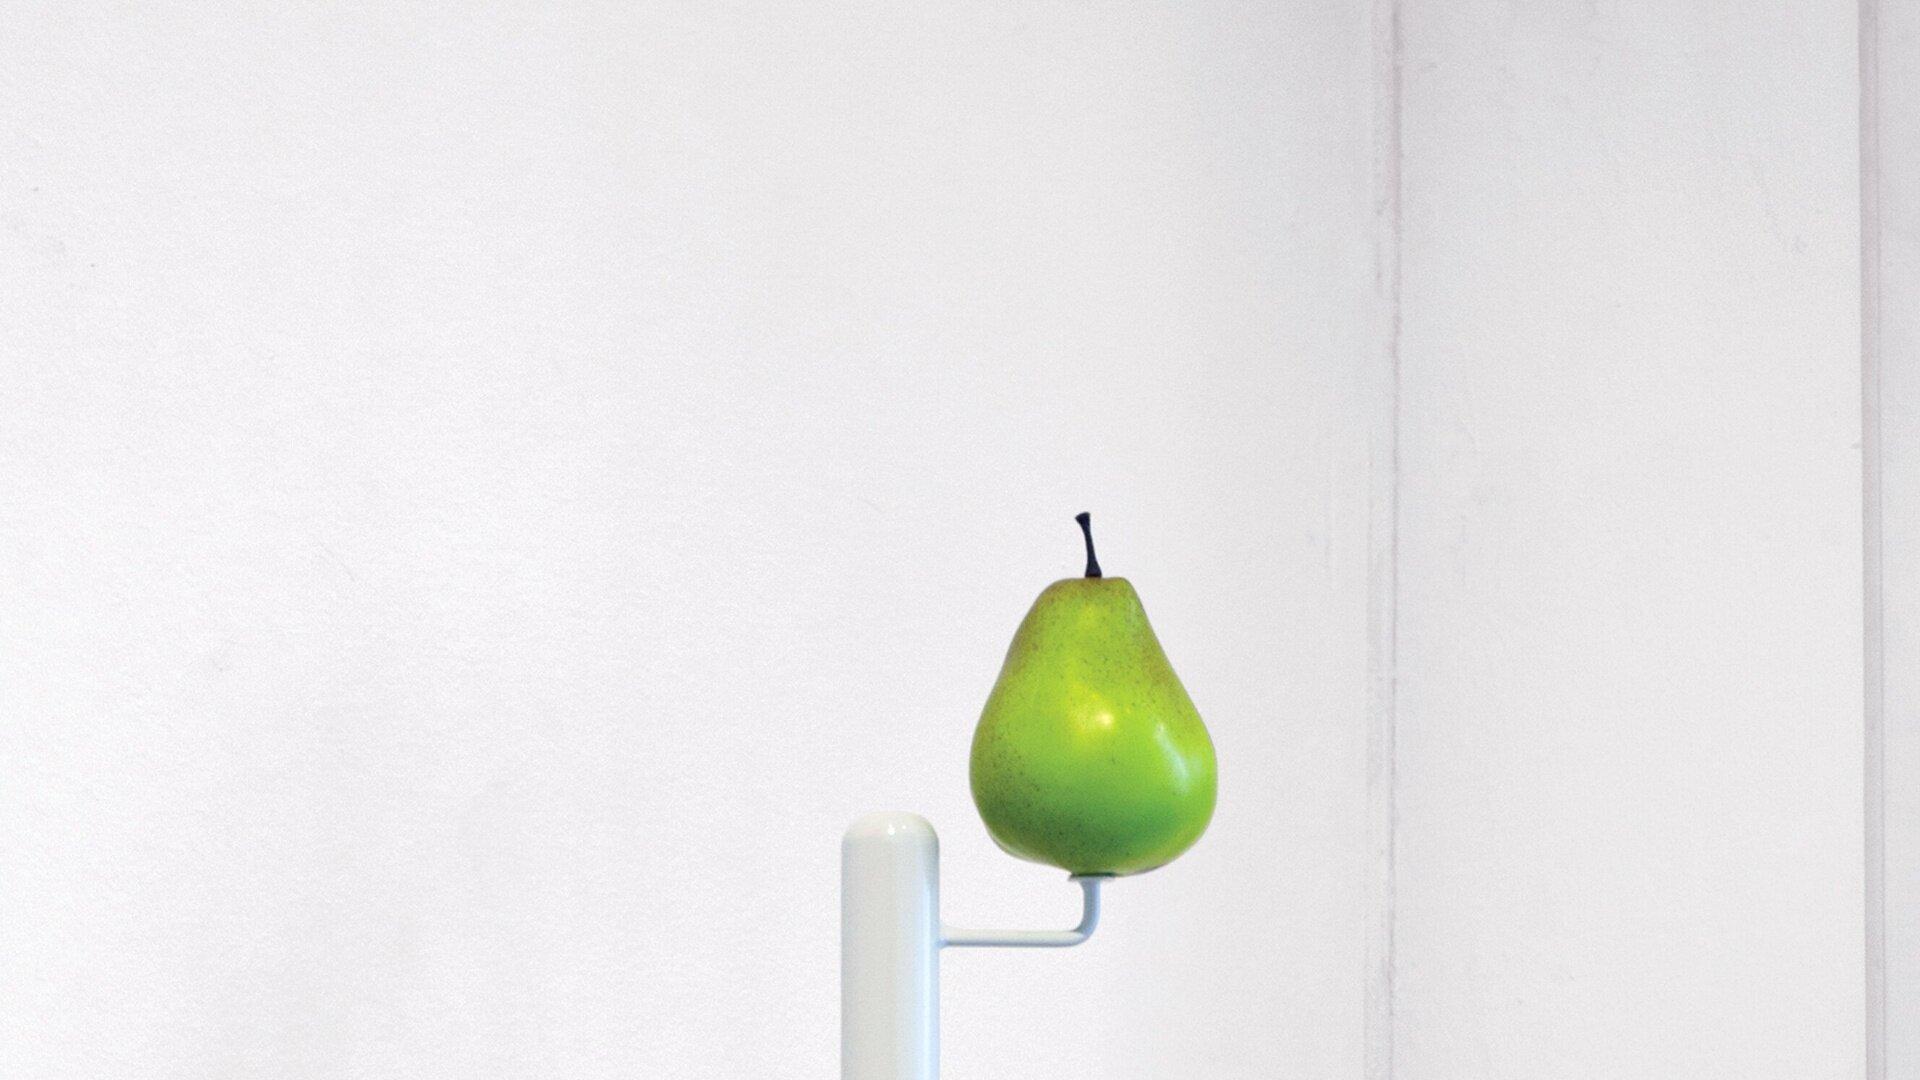 tim-hollander-0oooo-low-hanging-fruit-2020-1.jpg